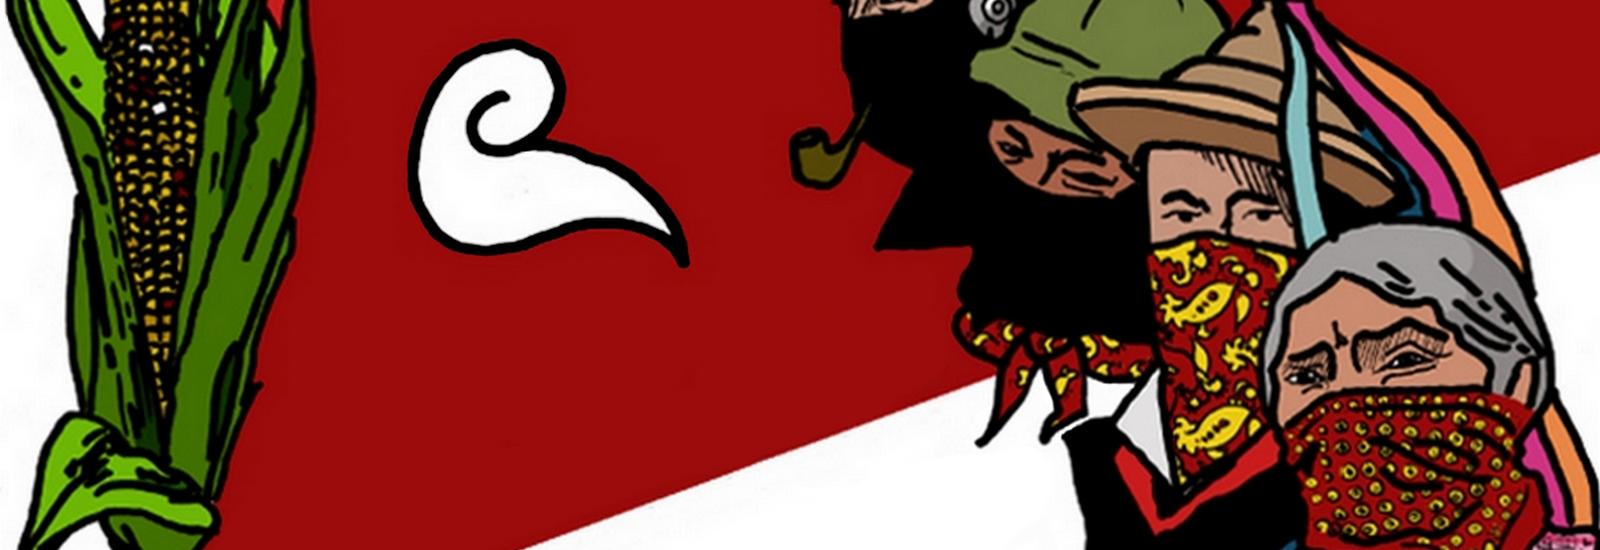 Πρωτοχρονιάτικη διακήρυξη των ΖΑΠΑΤΙΣΤΑΣ: Διακήρυξη για τη Ζωή